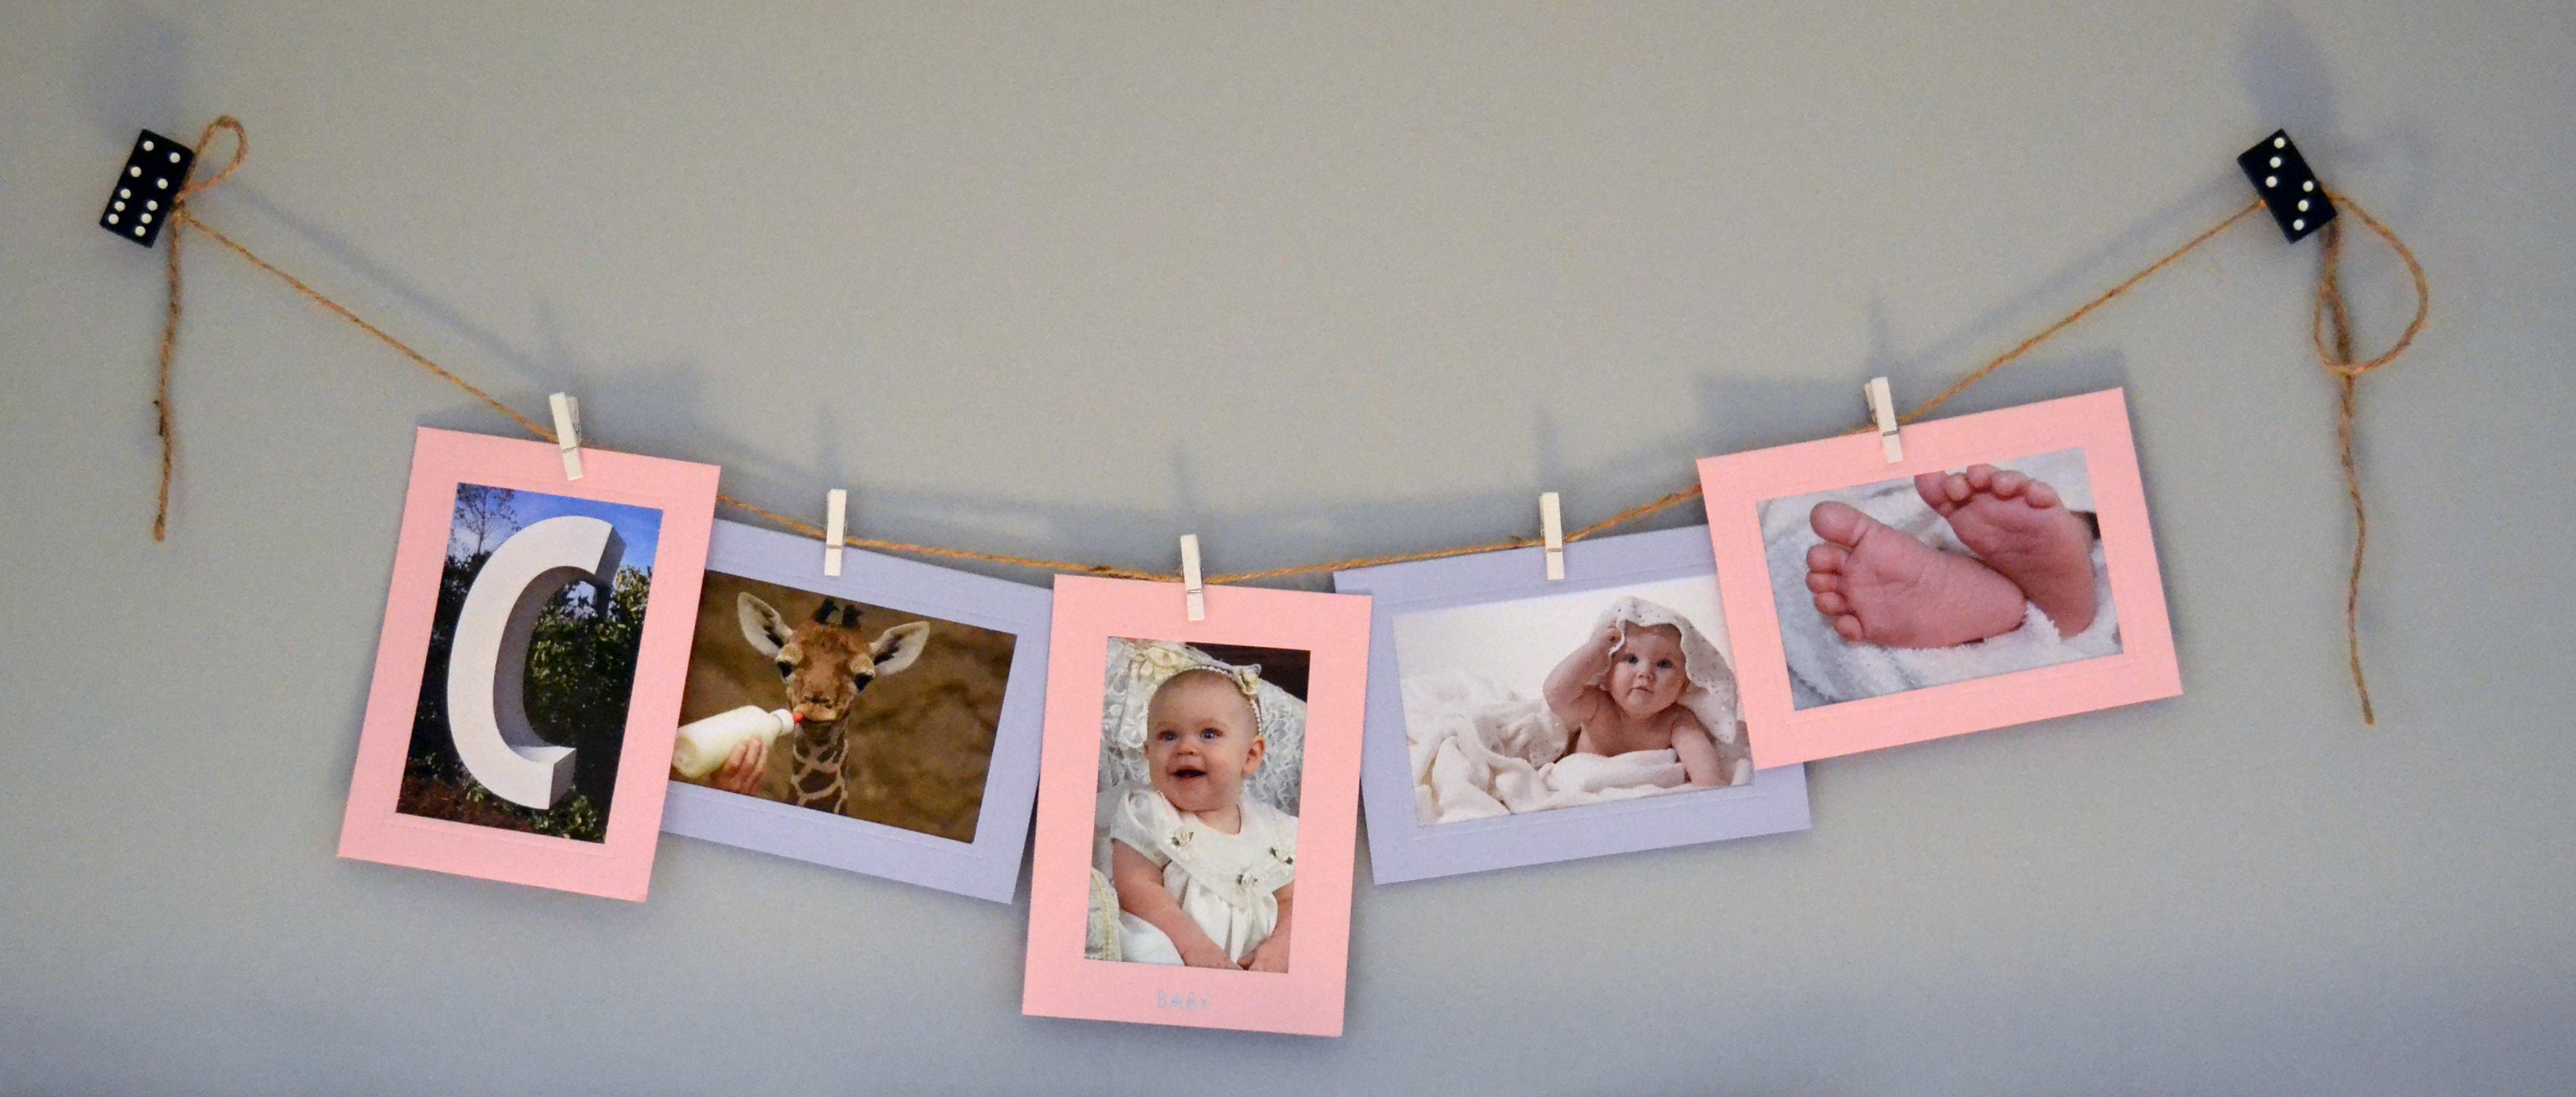 Baby girl 2 image